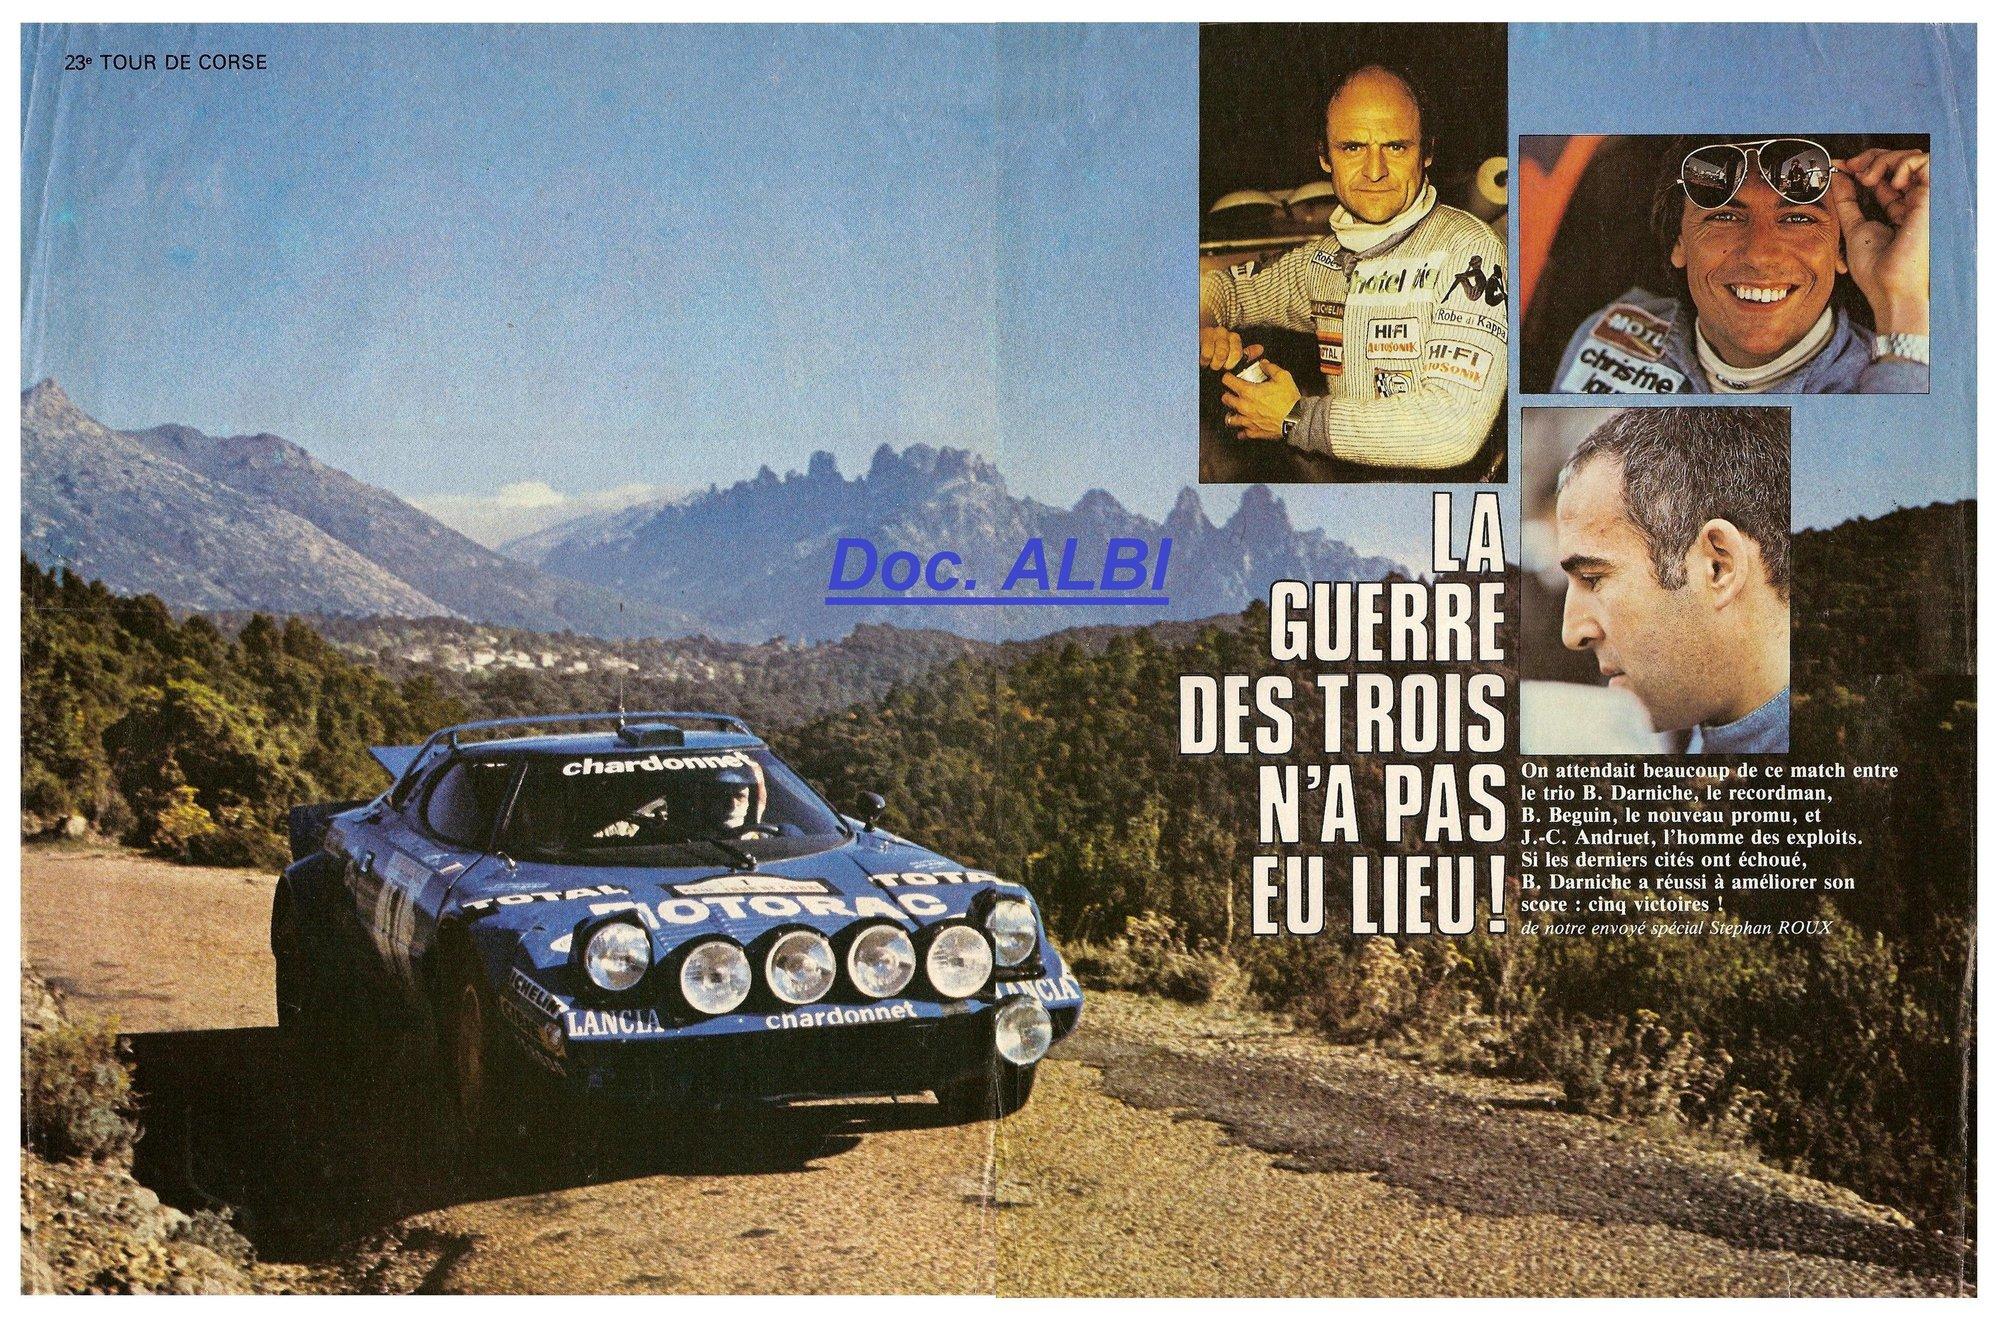 1979-M10-Tour-Corse-A-01-02-a.thumb.jpg.954b5cbb762e7f82bd2305a2fbebdca2.jpg